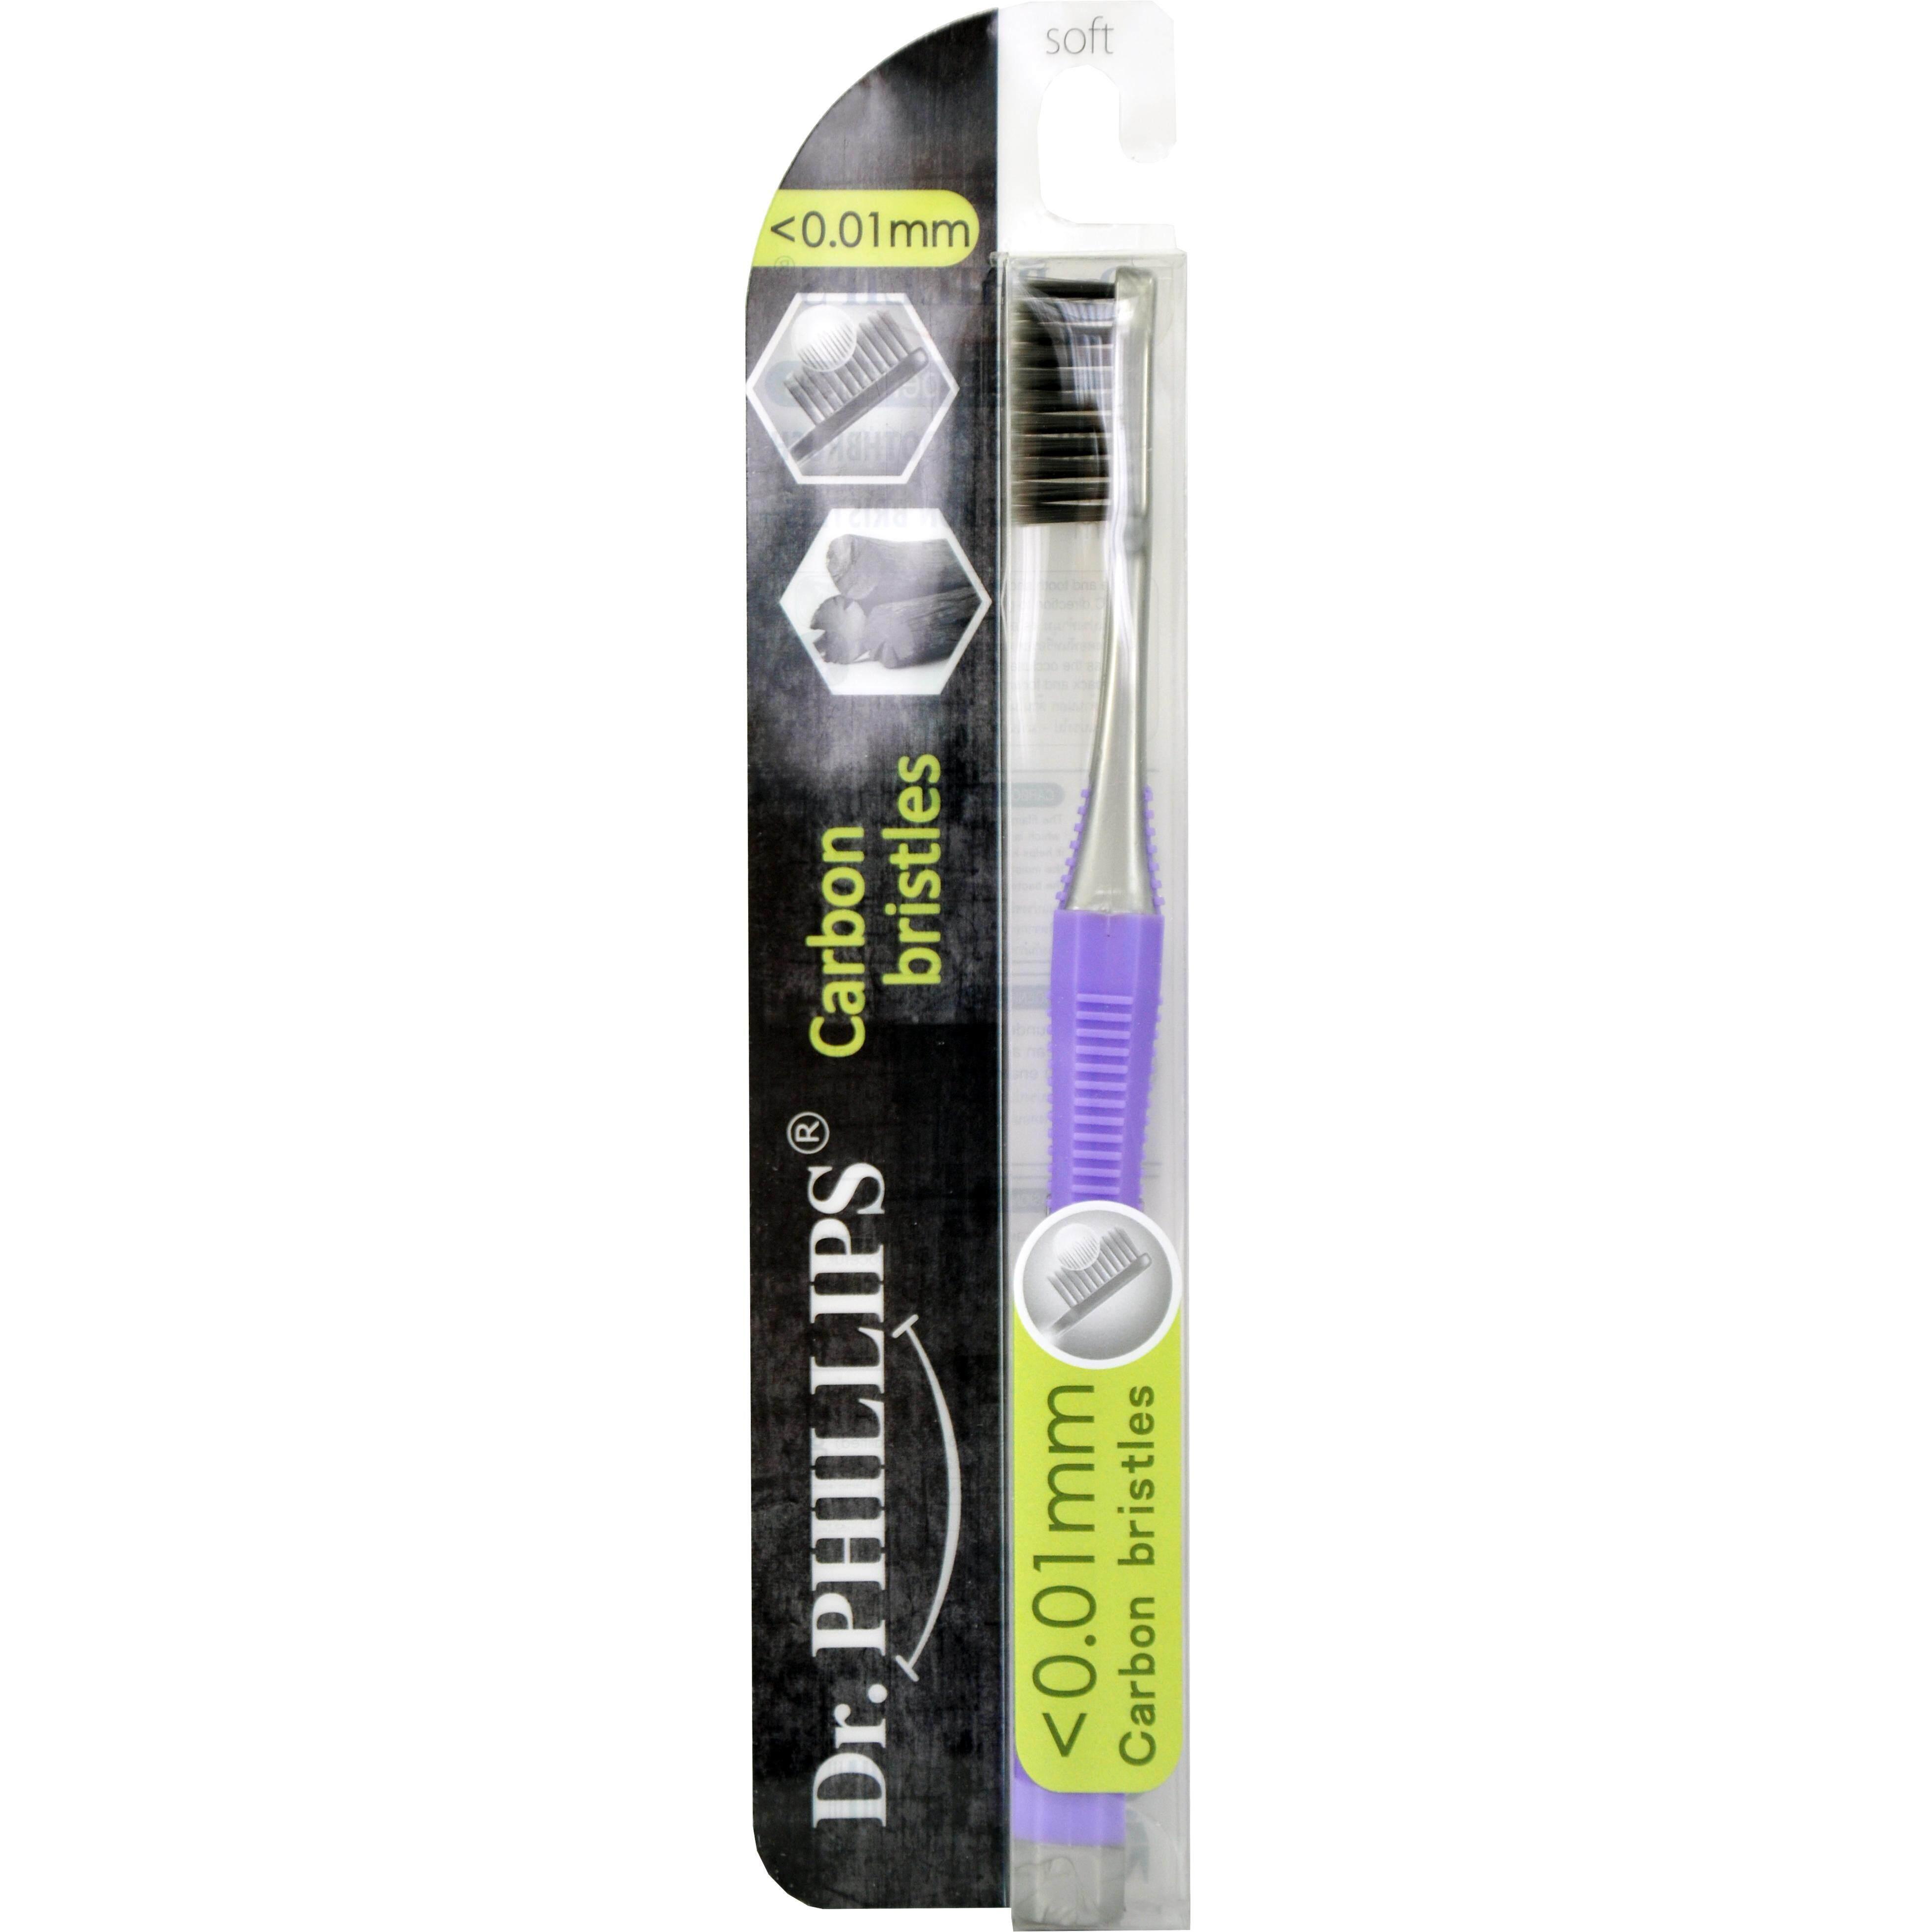 แปรงสีฟันไฟฟ้า ทำความสะอาดทุกซี่ฟันอย่างหมดจด พัทลุง Dr  Phillips toothbrush carbon  charcoal  bristles 0 01mm